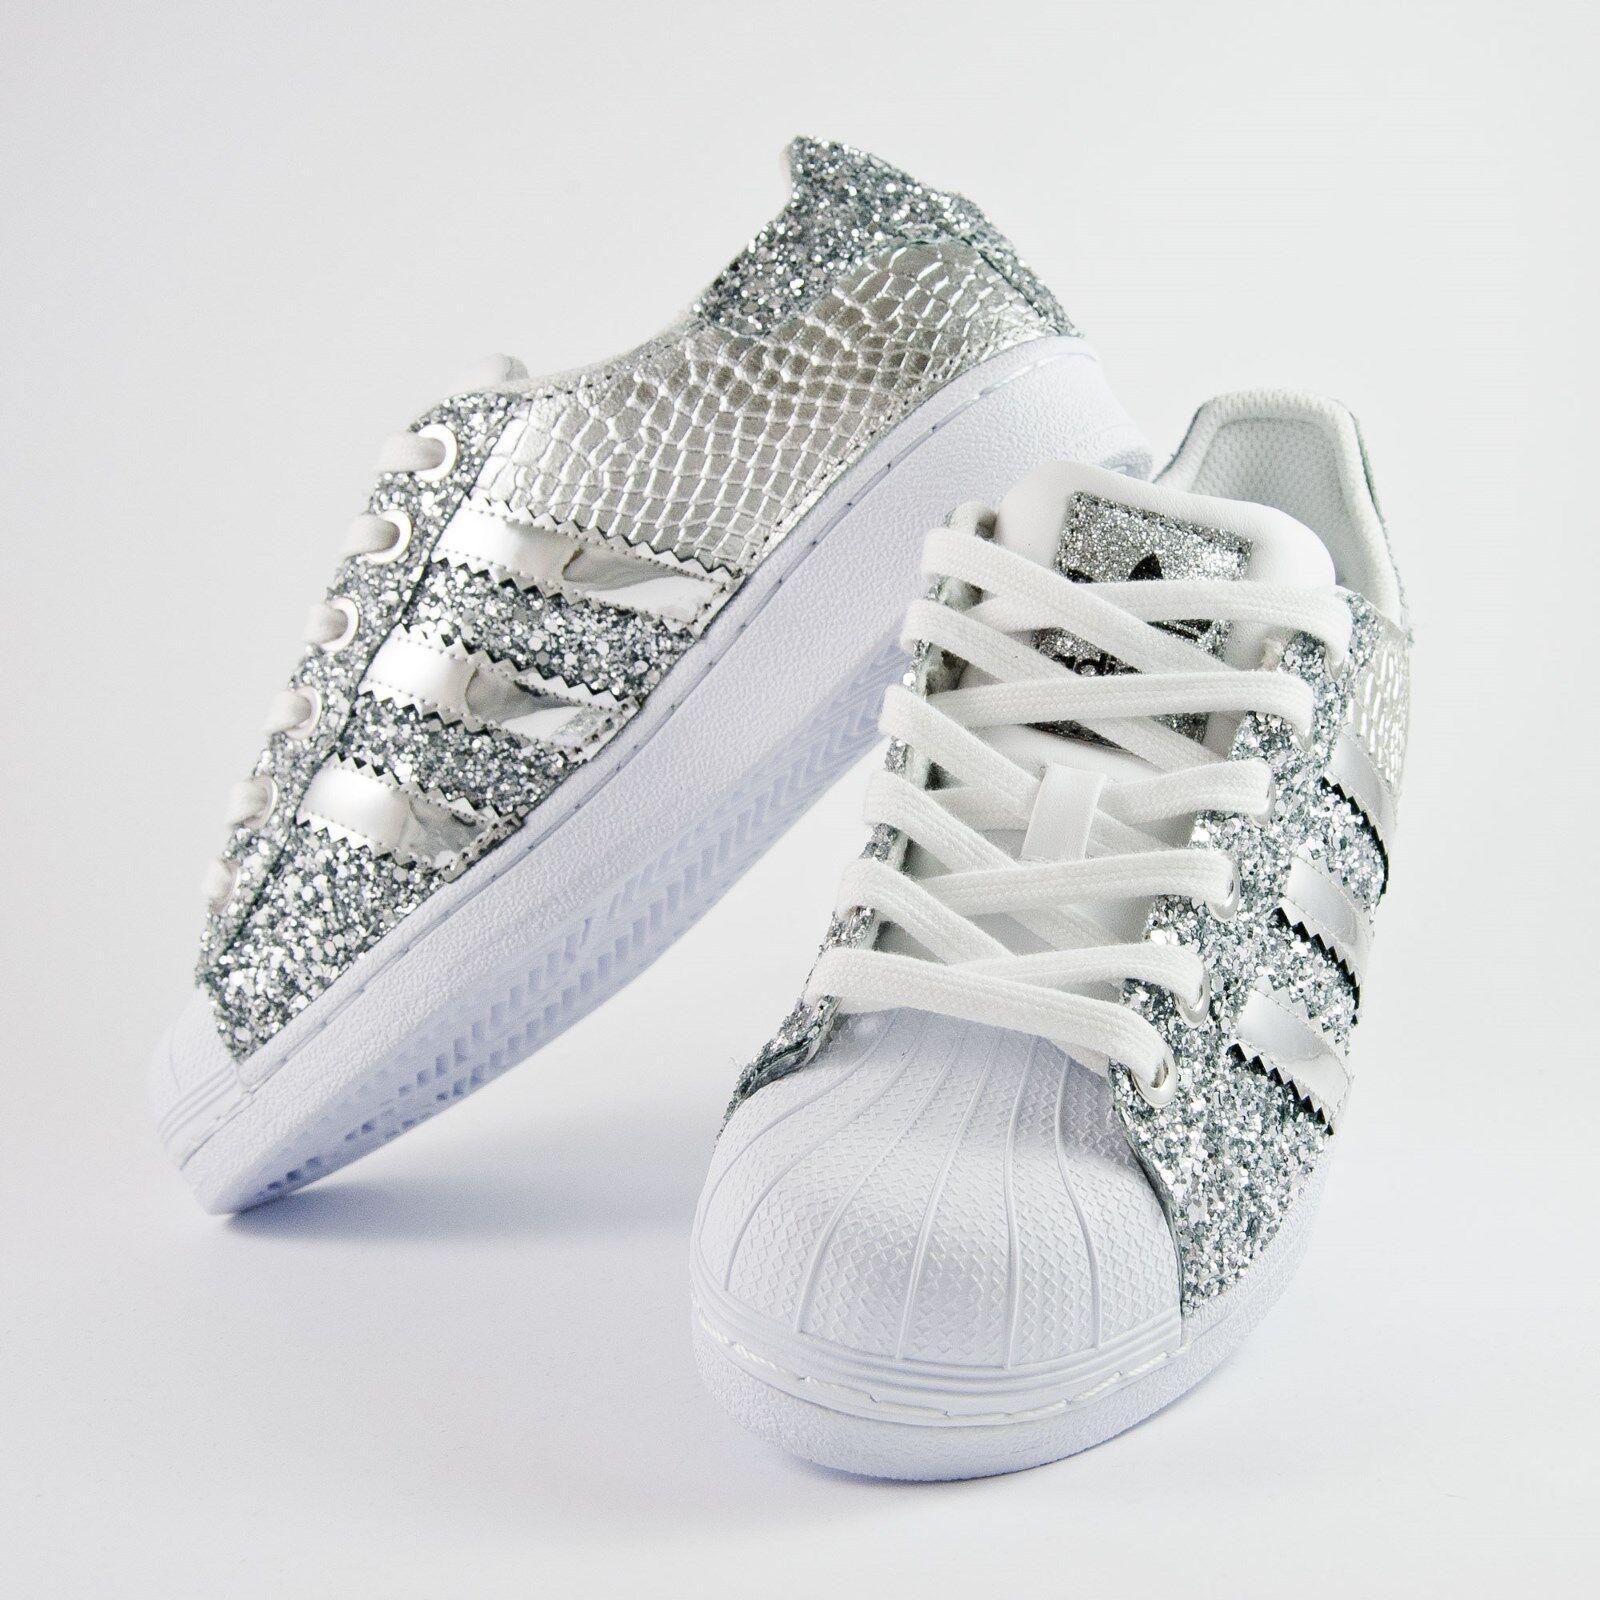 Scarpe adidas pitonato superstar con glitter argento piu 'specchiato argento pitonato adidas